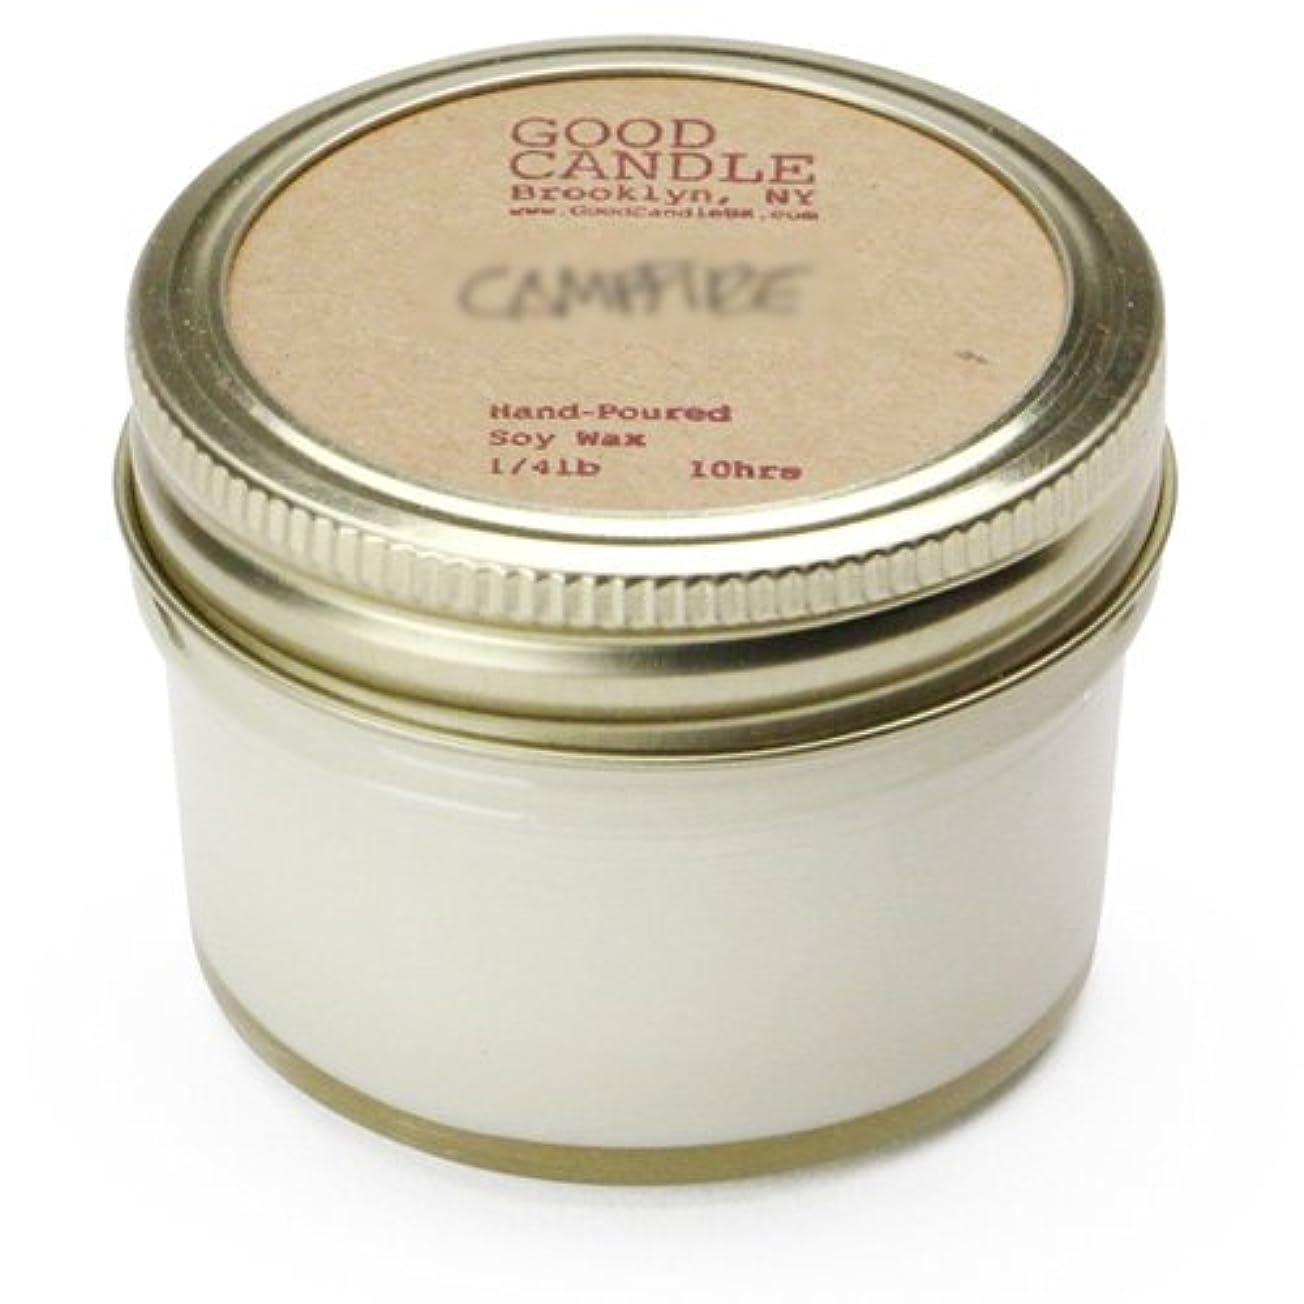 近傍鮫最終グッドキャンドル 1/4ポンド ゼリージャー キャンドル Good Candle 1/4LB Jelly jar candle [ Mimosa ] 正規品